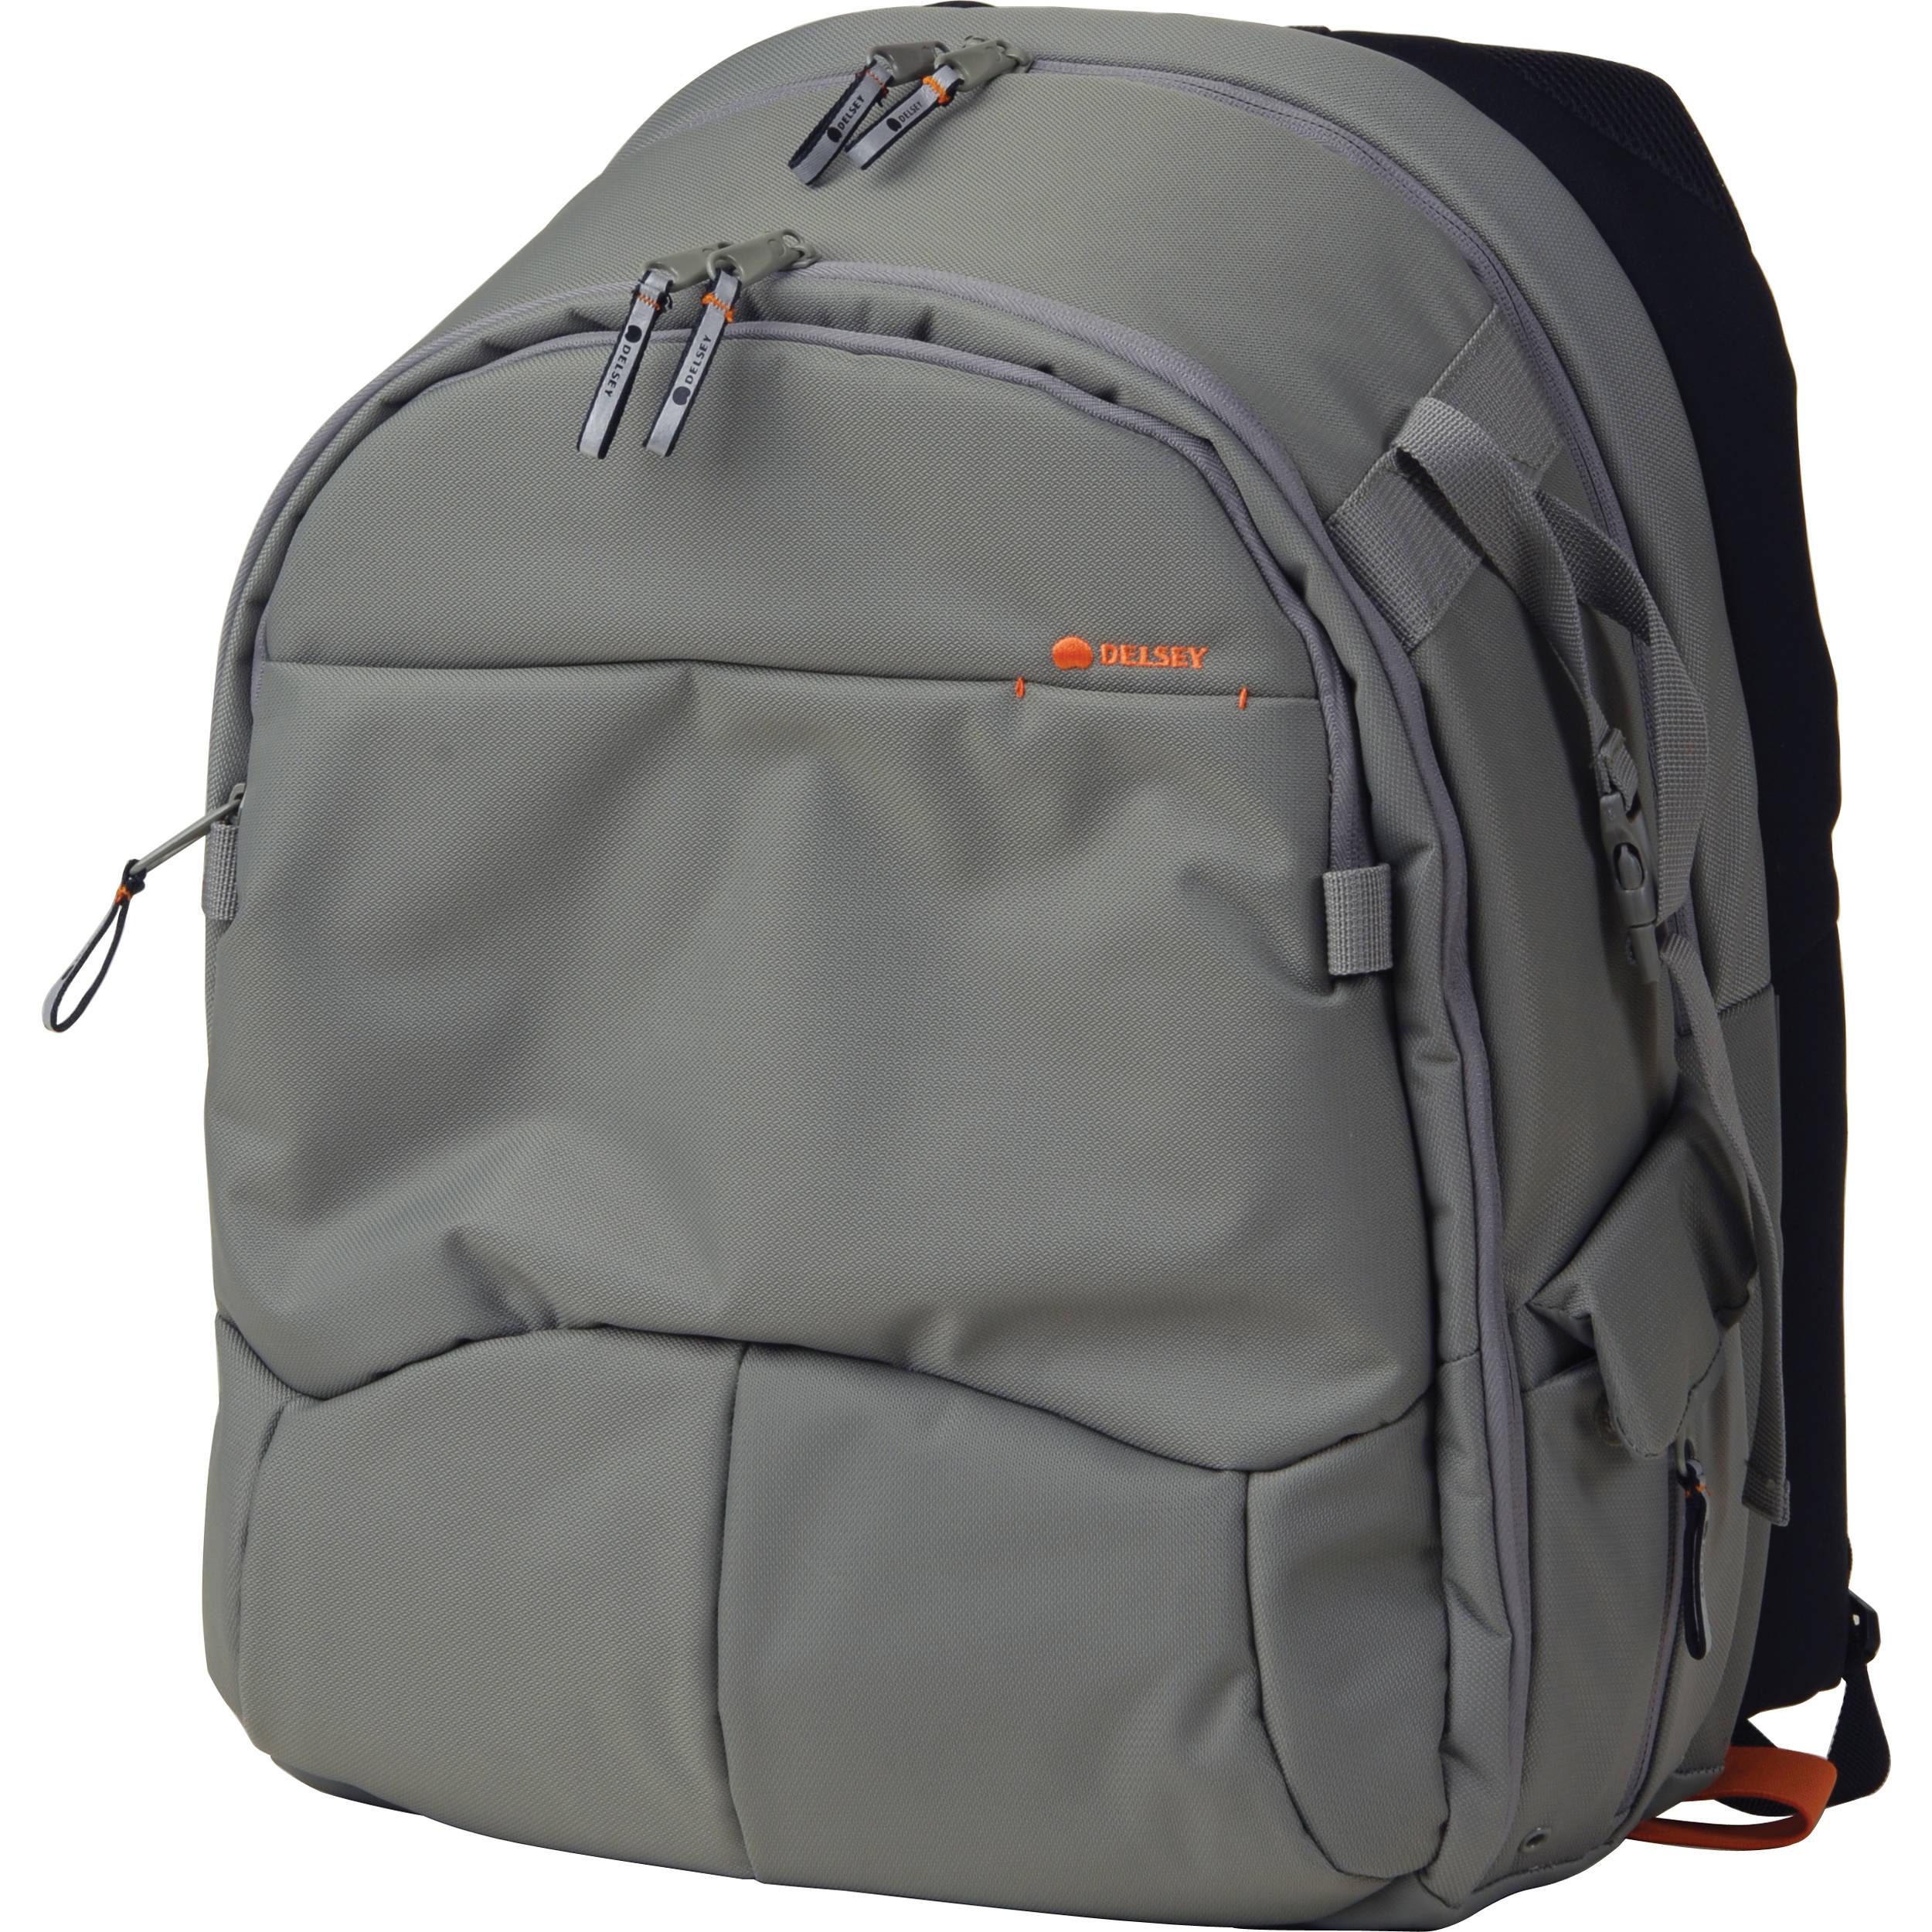 delsey rucksack